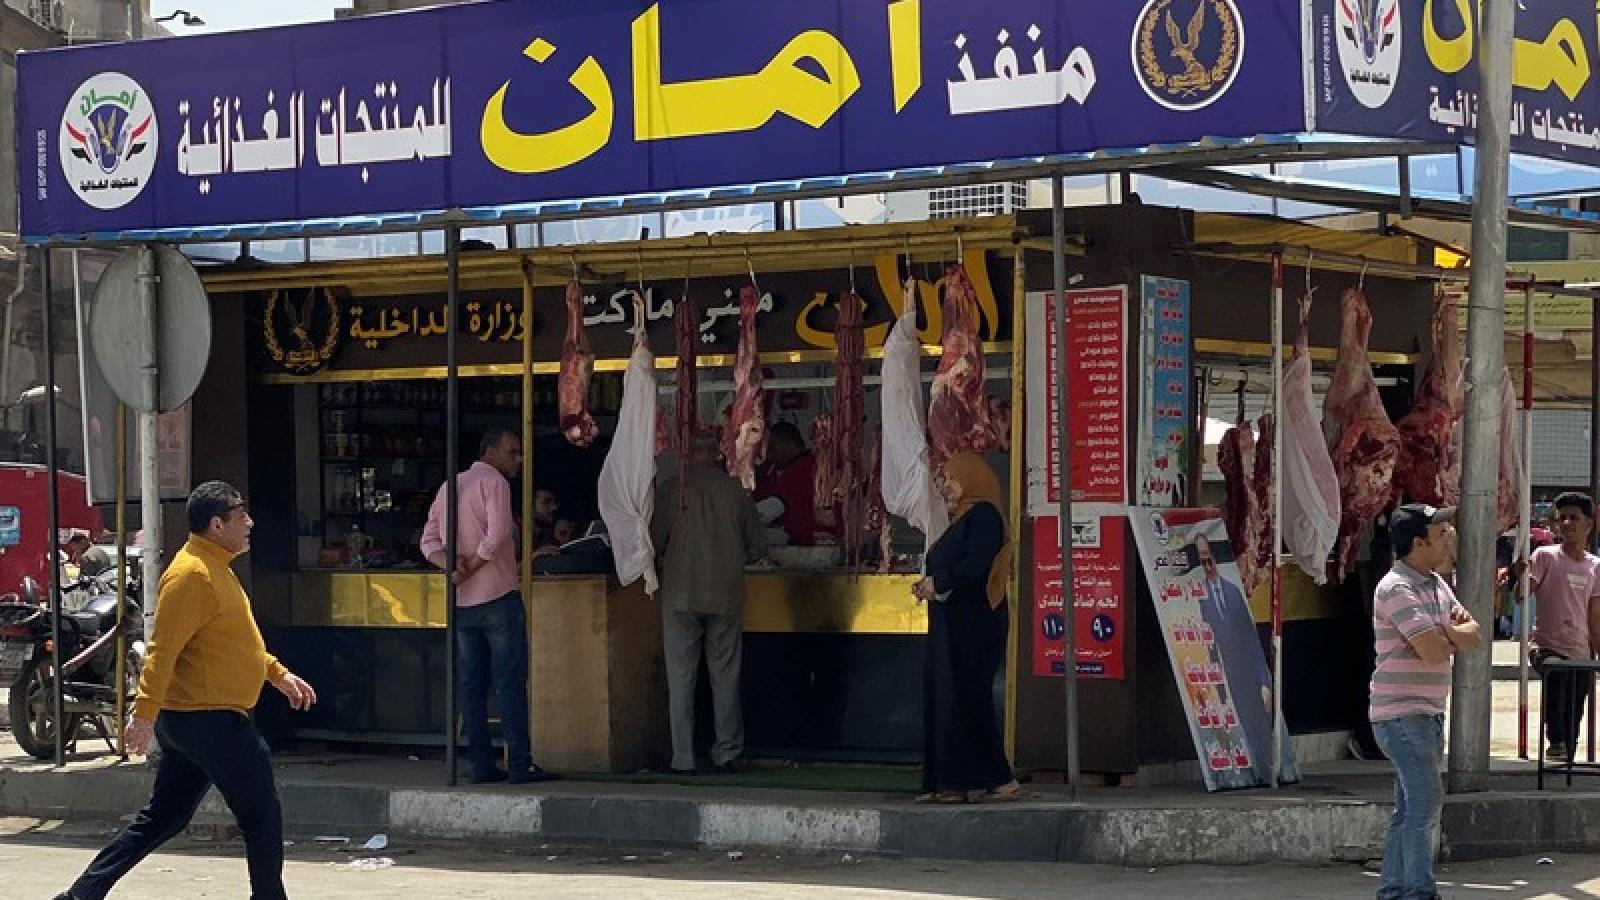 Ai Cập kéo dài giờ giới nghiêm vào ban đêm qua tháng Ramadan